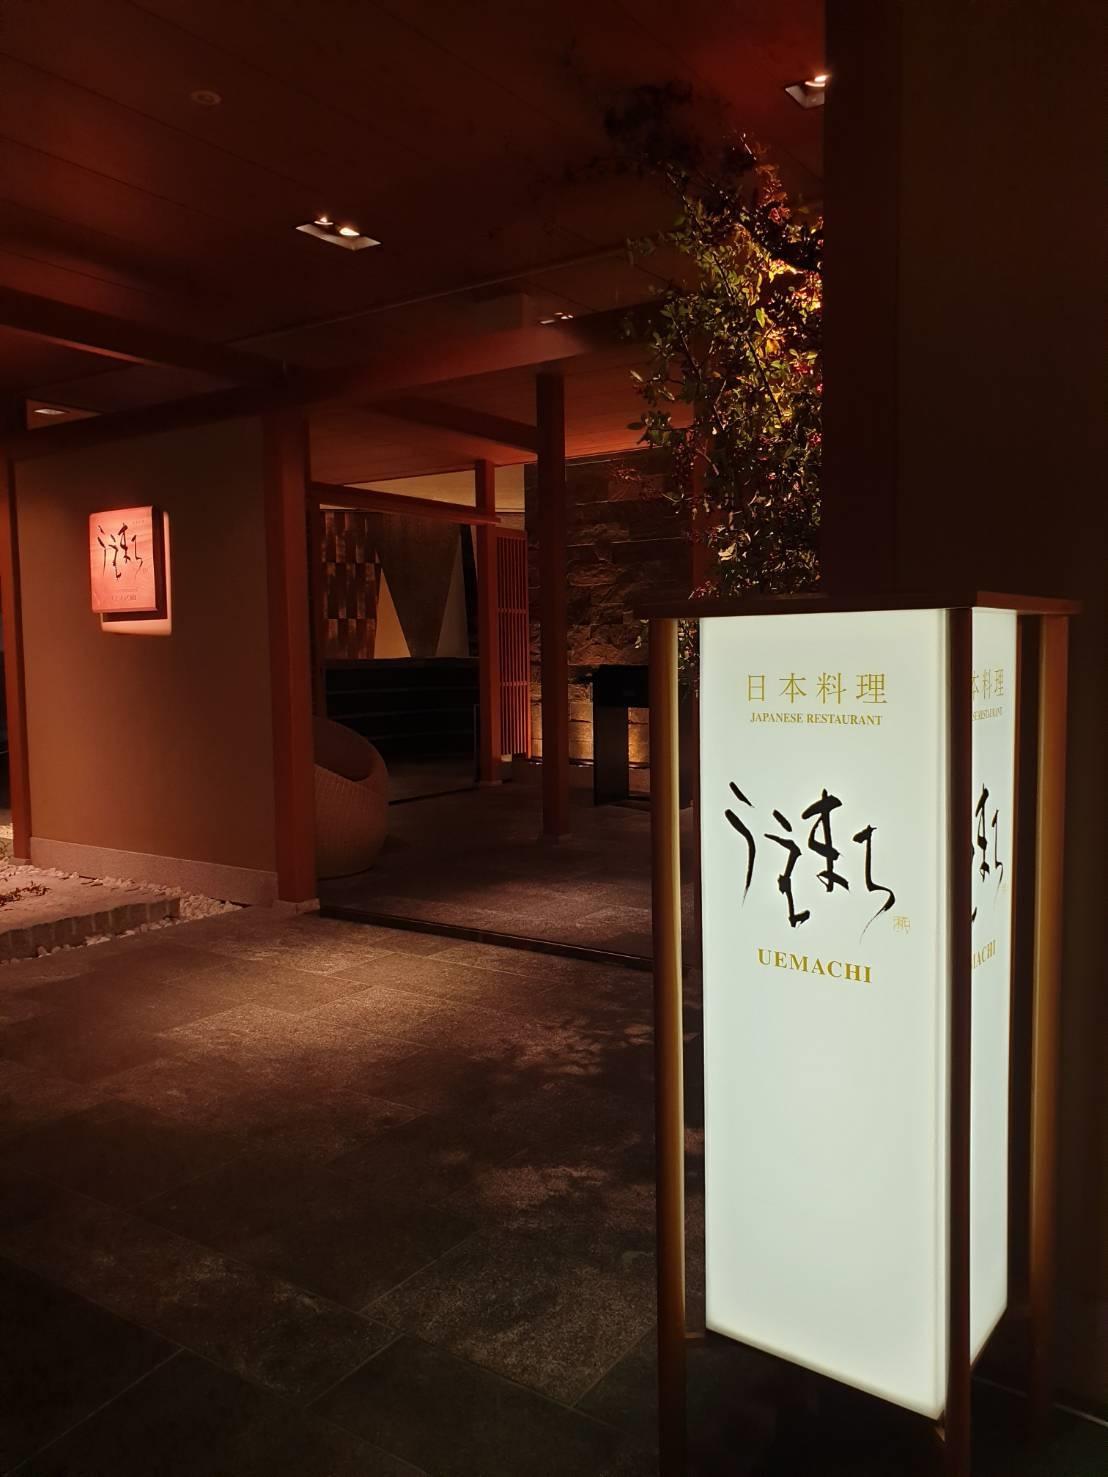 18 ห้องอาหาร Uemachi 200213 0001 1